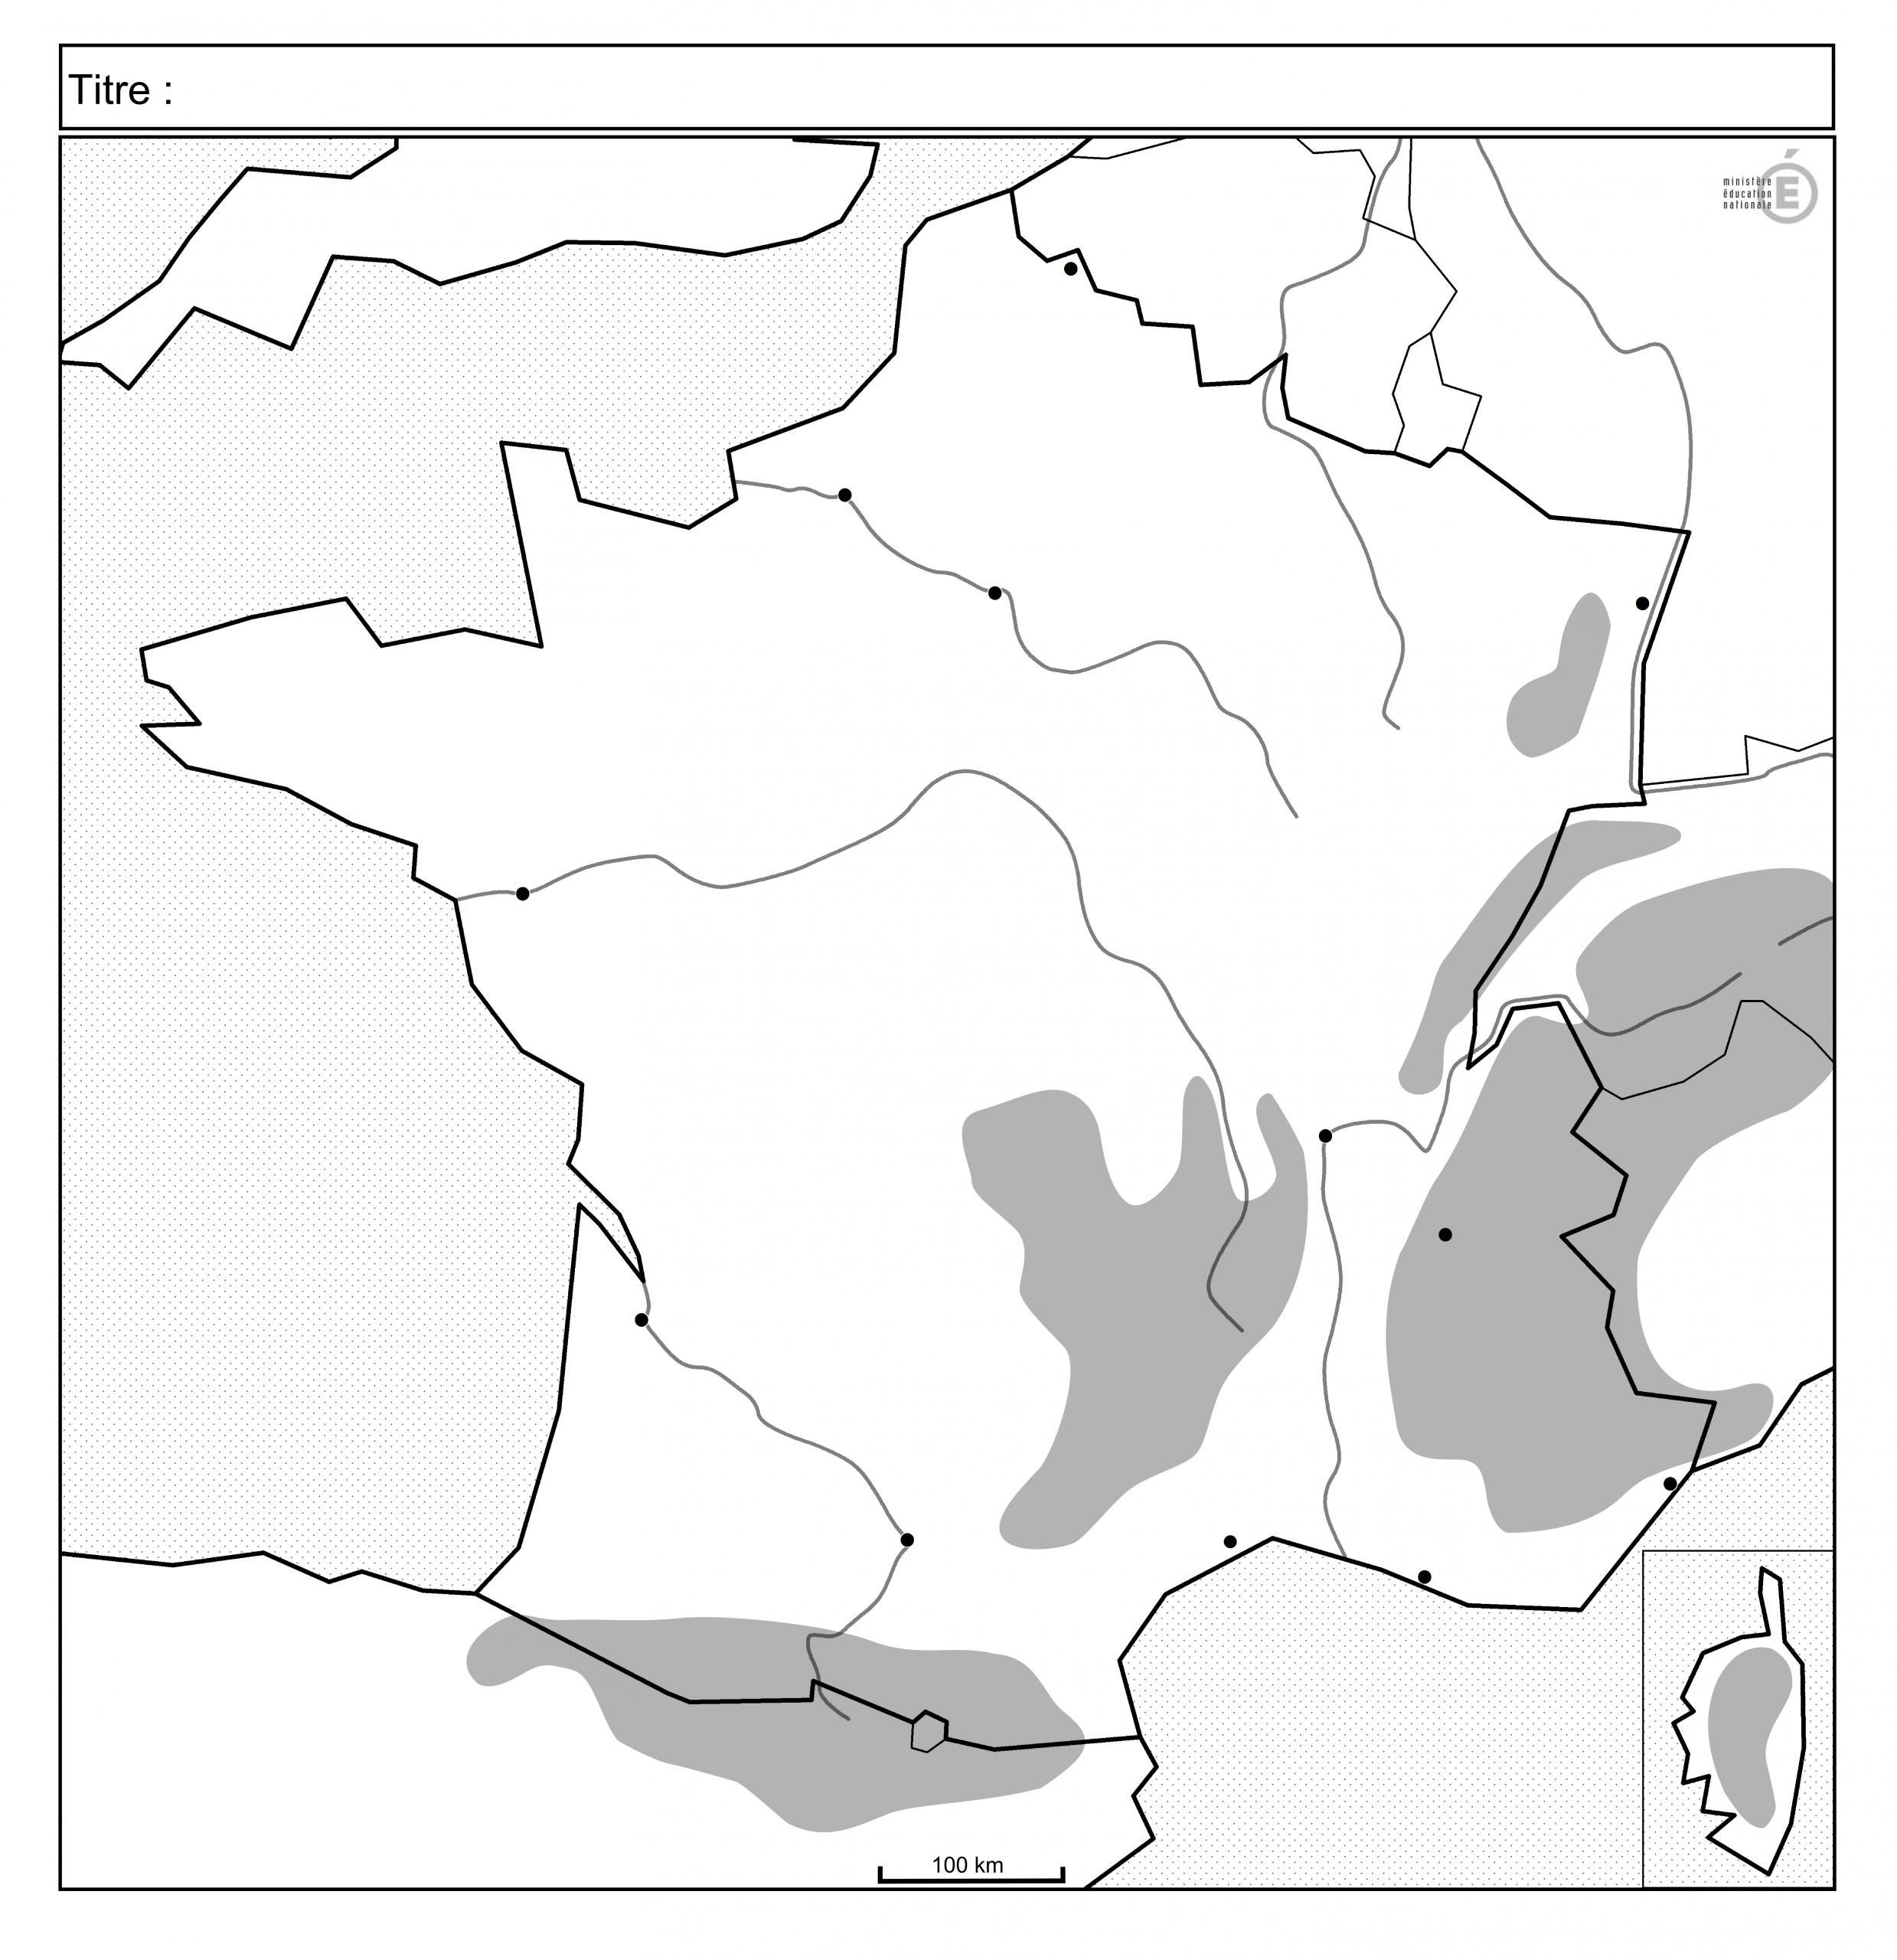 Fonds De Carte - Histoire-Géographie - Éduscol dedans Carte De France Vierge A Imprimer